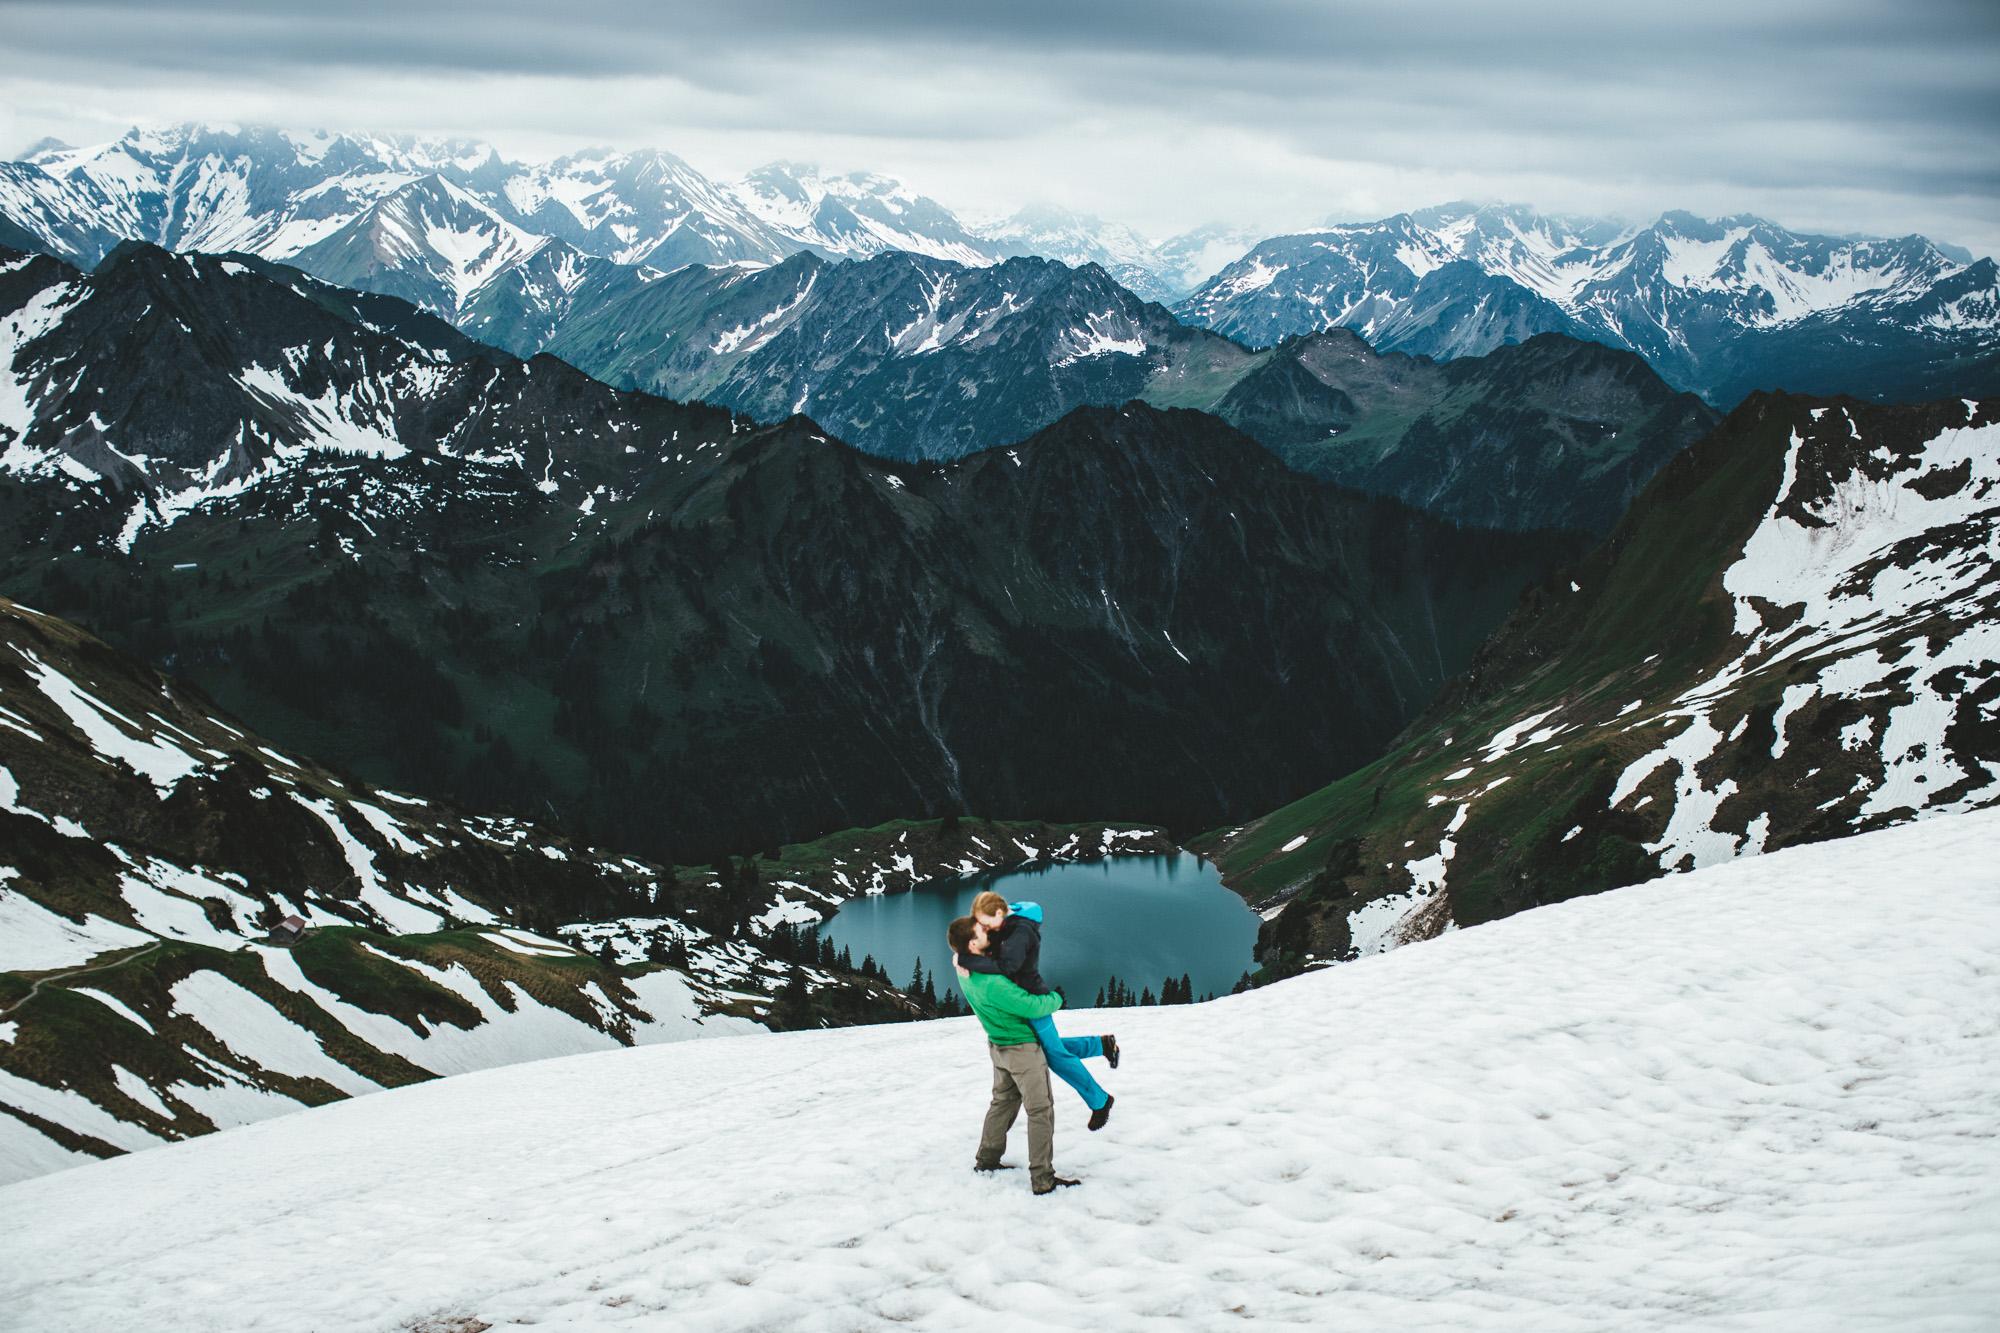 svea und keve 033 - Nur zu zweit in den Bergen